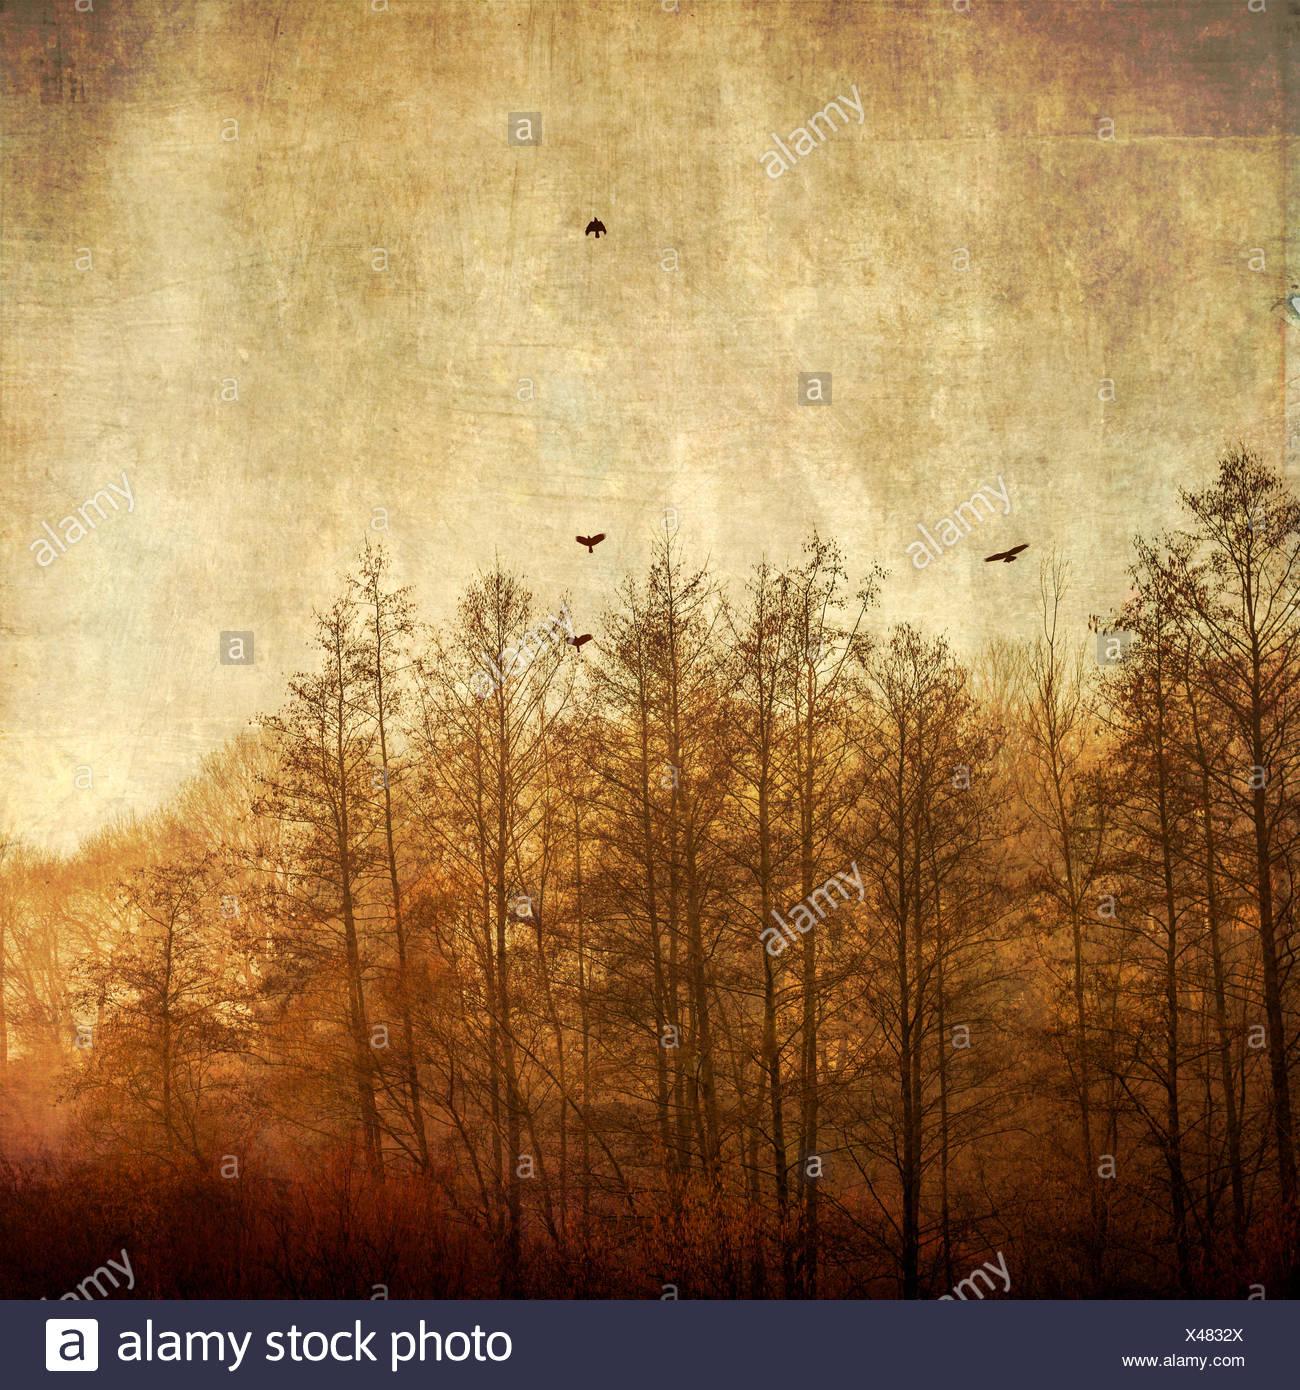 Bäume und fliegende Vögel im Morgenlicht, strukturierte Effekt Stockbild